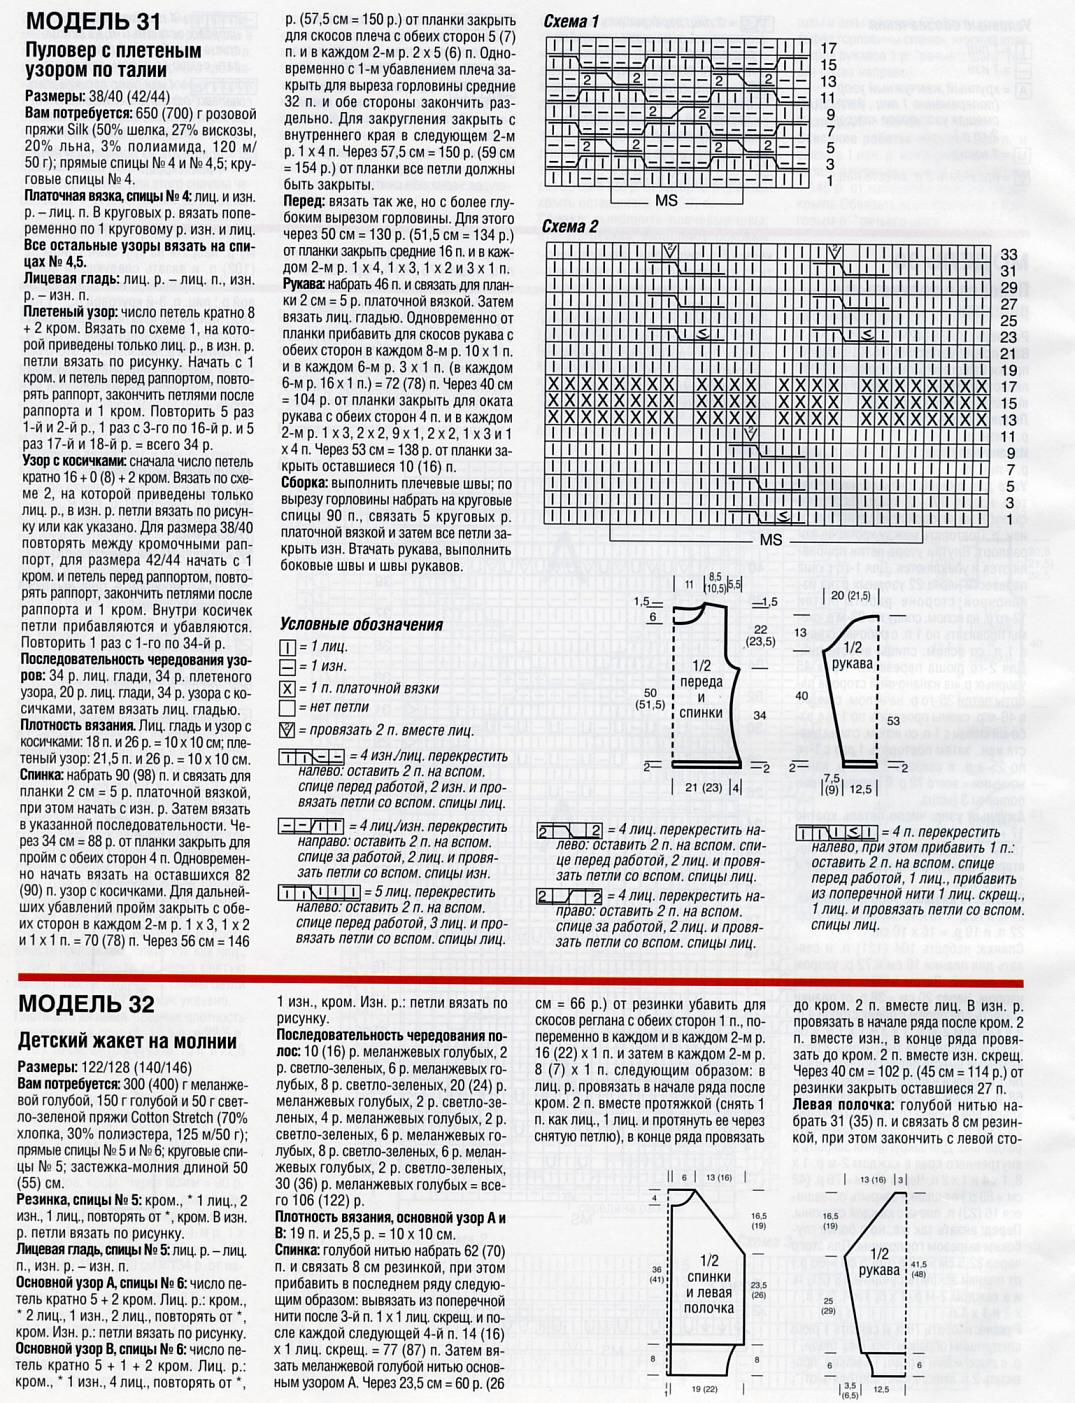 Вязаные кофточки для женщин. Схемы и описания вязания спицами 16